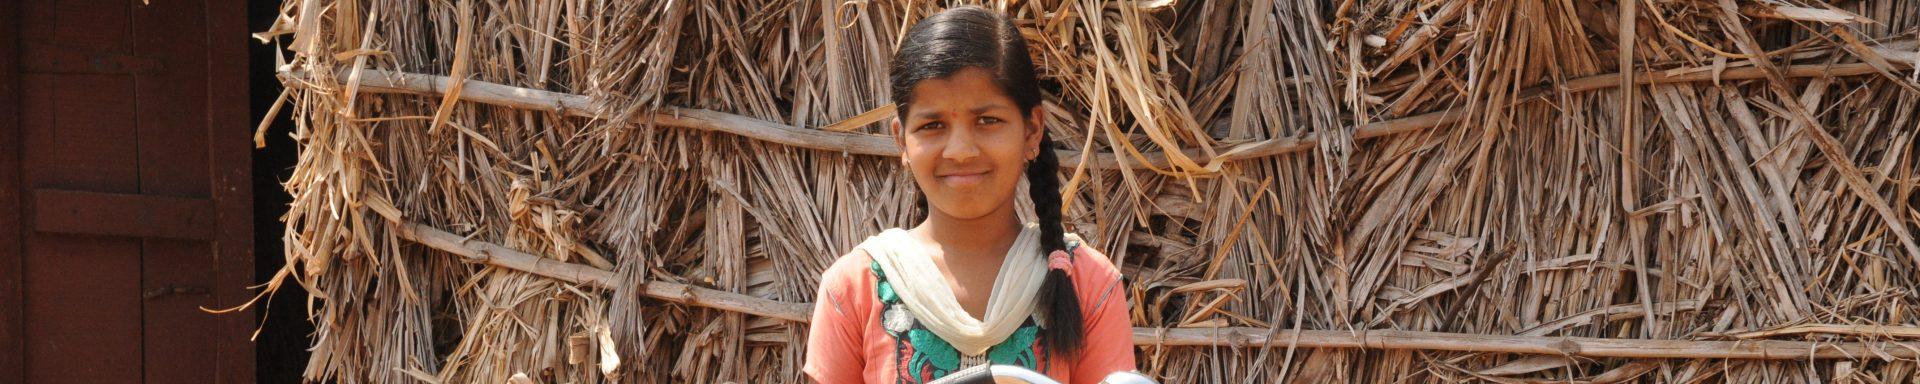 Een meisje poseert met haar fiets in India.